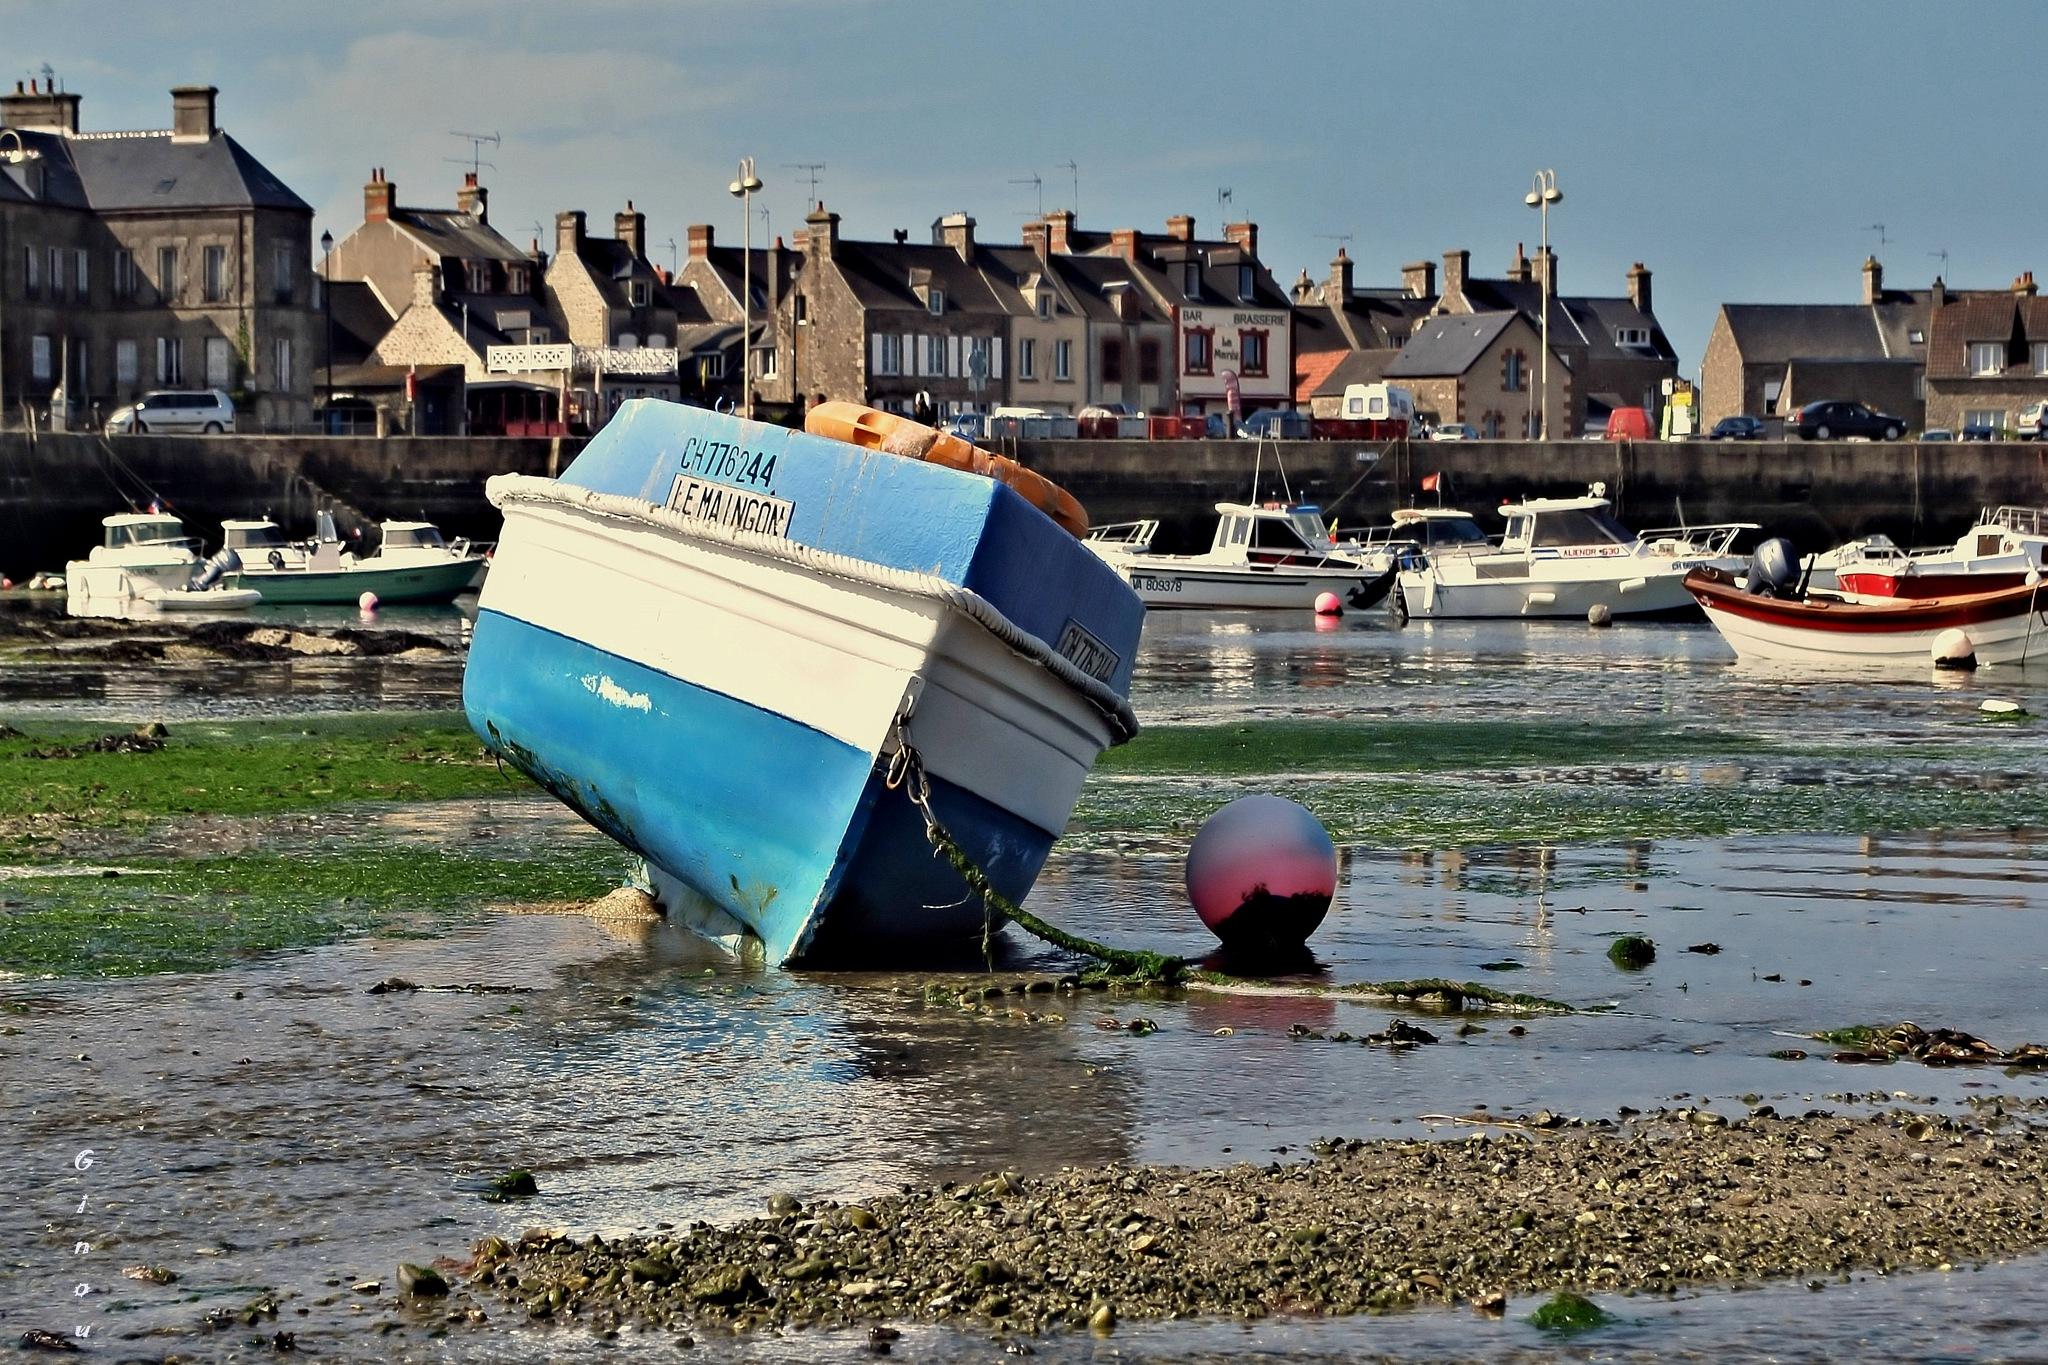 La barque blanche et bleue by Creusson Ginette